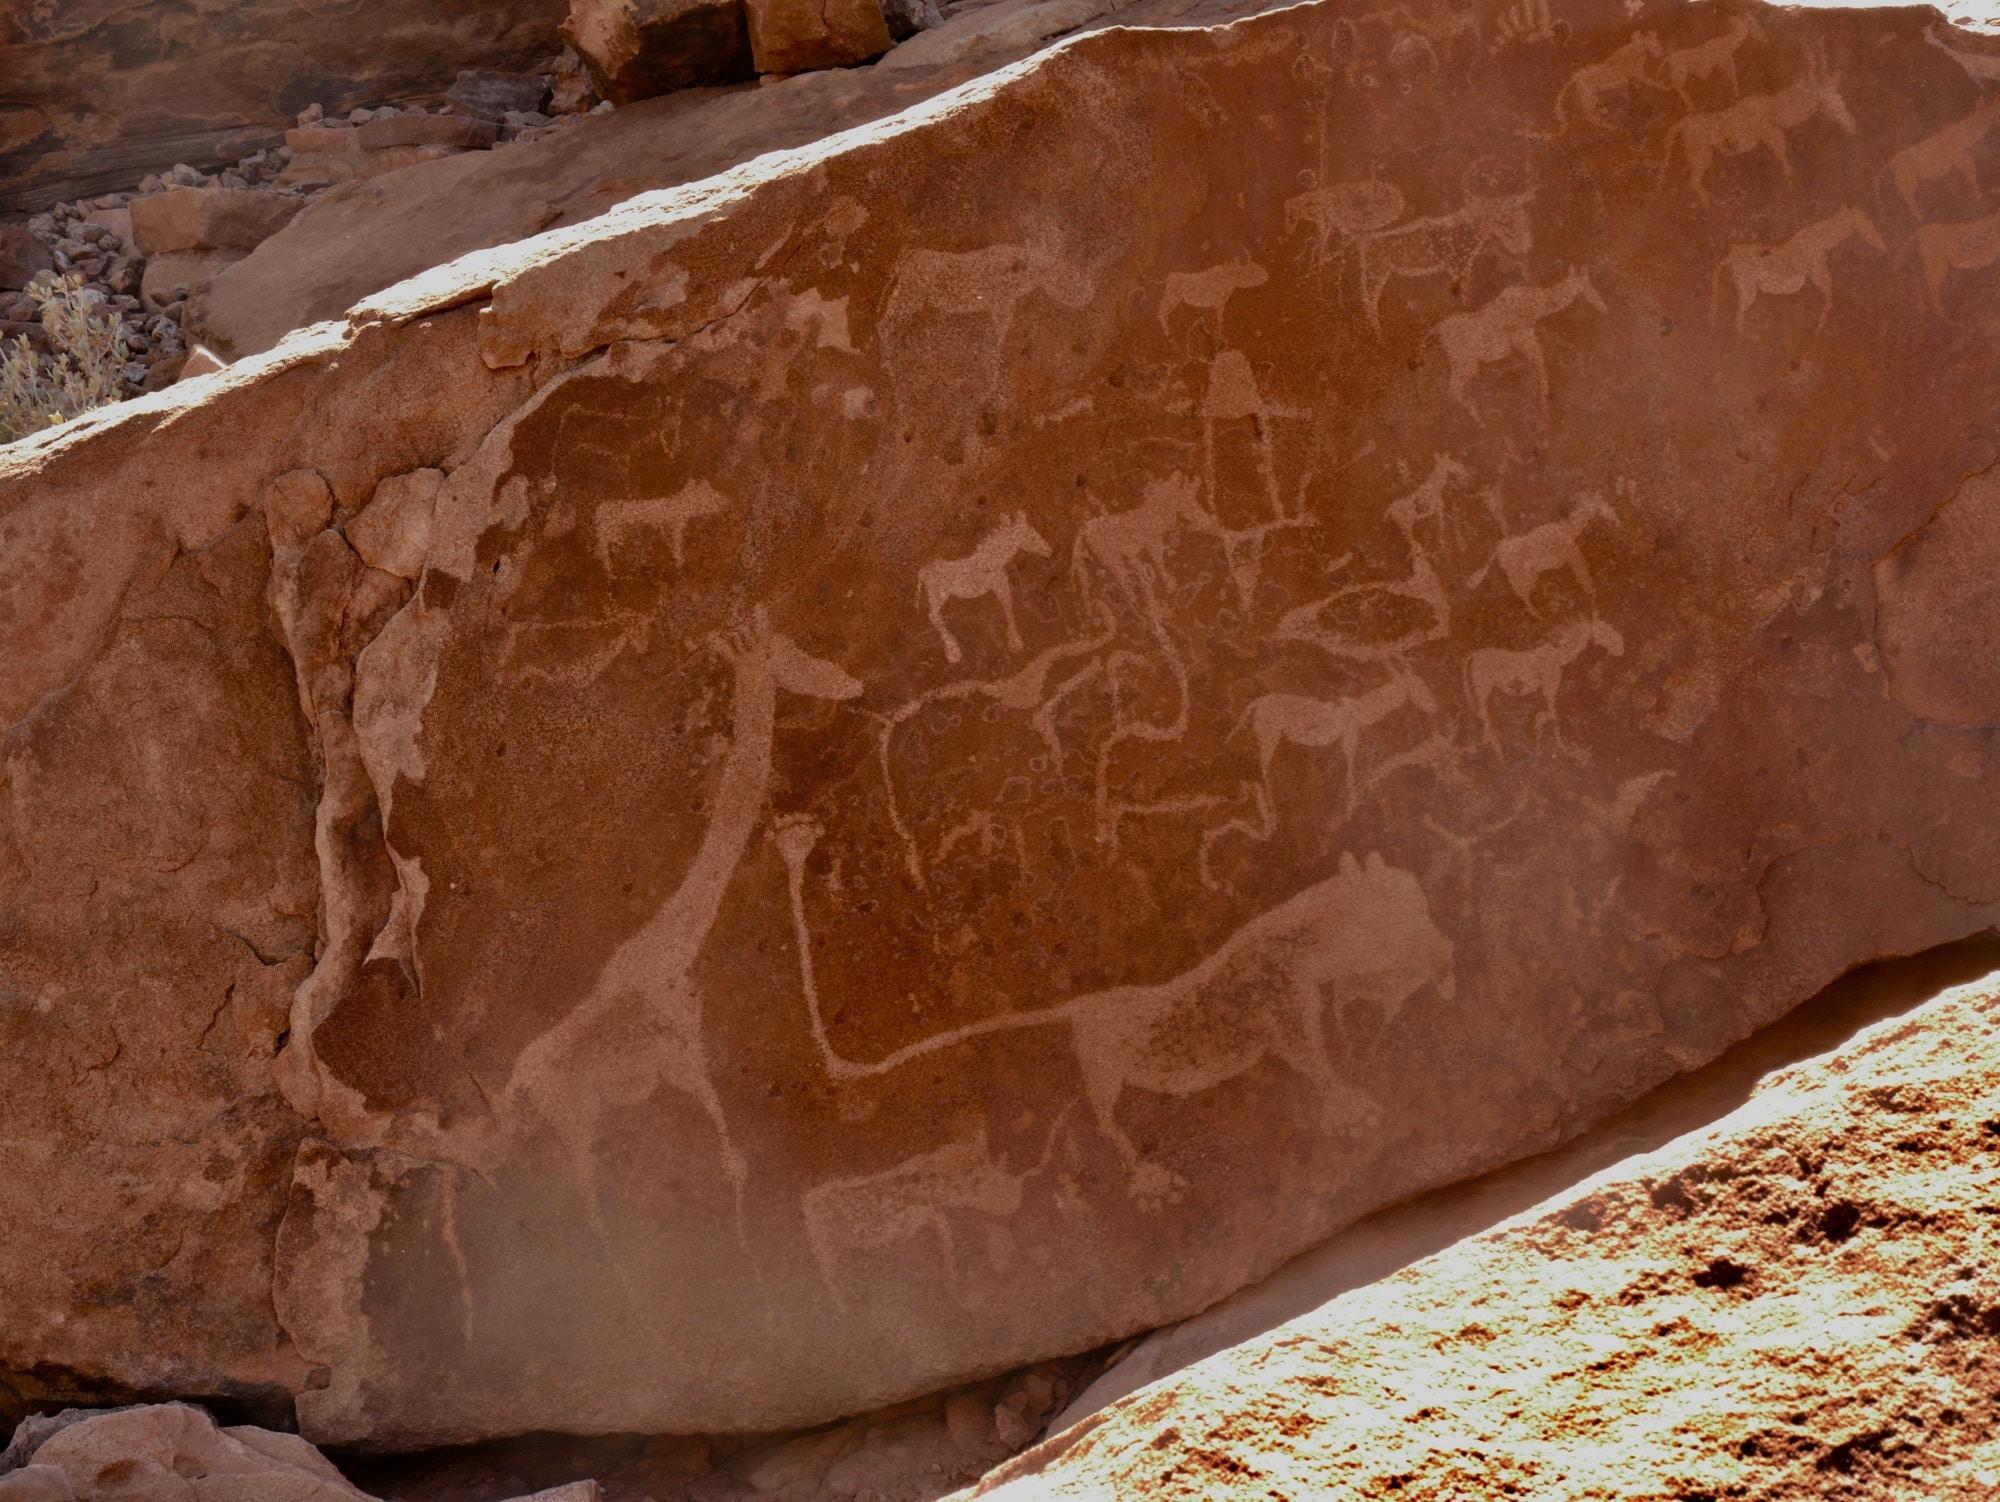 """Peinture rupestre """"Lion man's"""" de Twyfelfontein"""